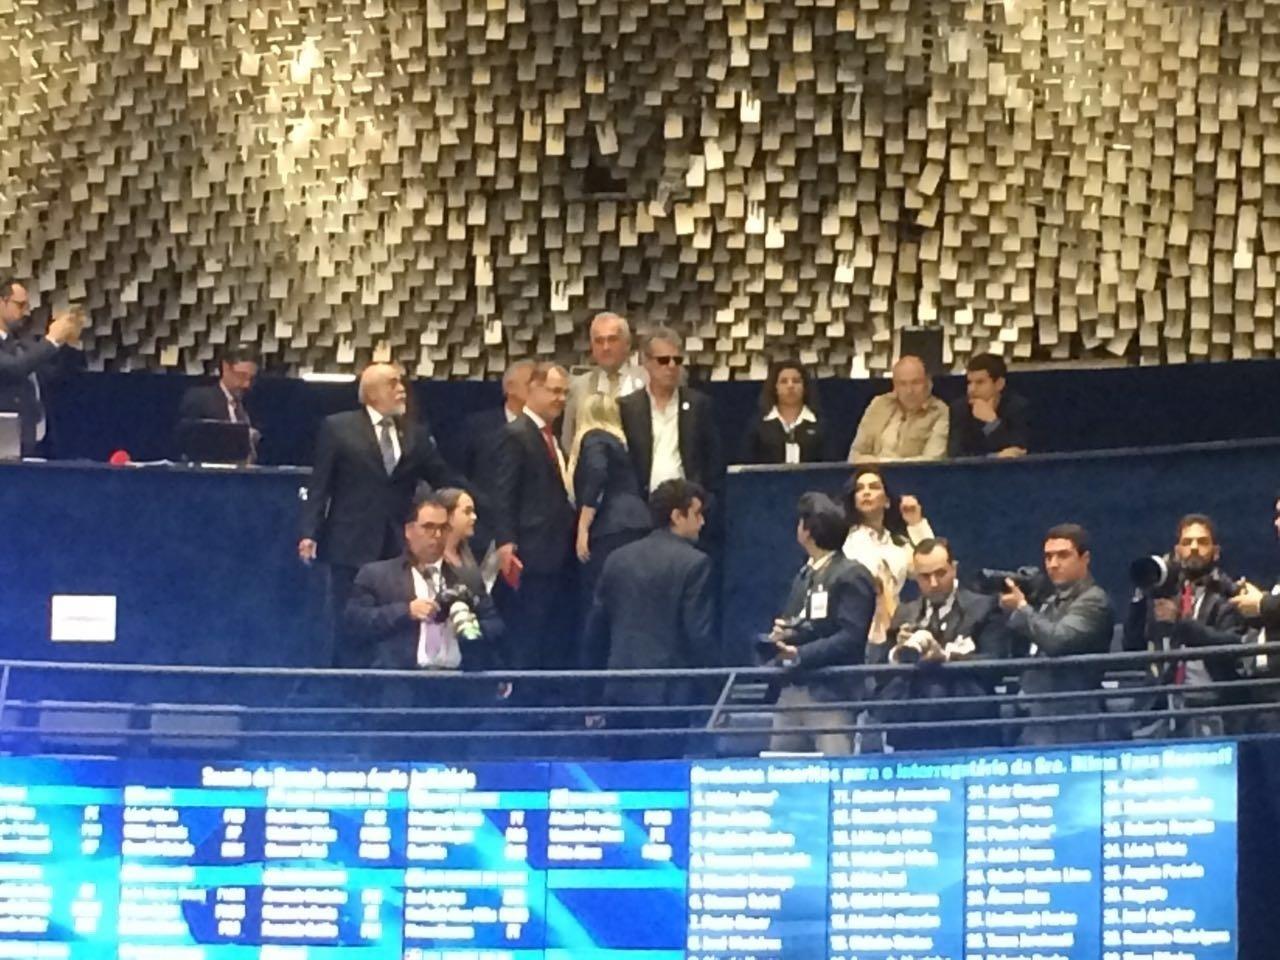 29.ago.2016 - O cantor Chico Buarque chega ao plenário do Senado, onde acontece a defesa da presidente afastada, Dilma Rousseff, contra o processo de impeachment. Chico foi convidado por Dilma a participar da sessão